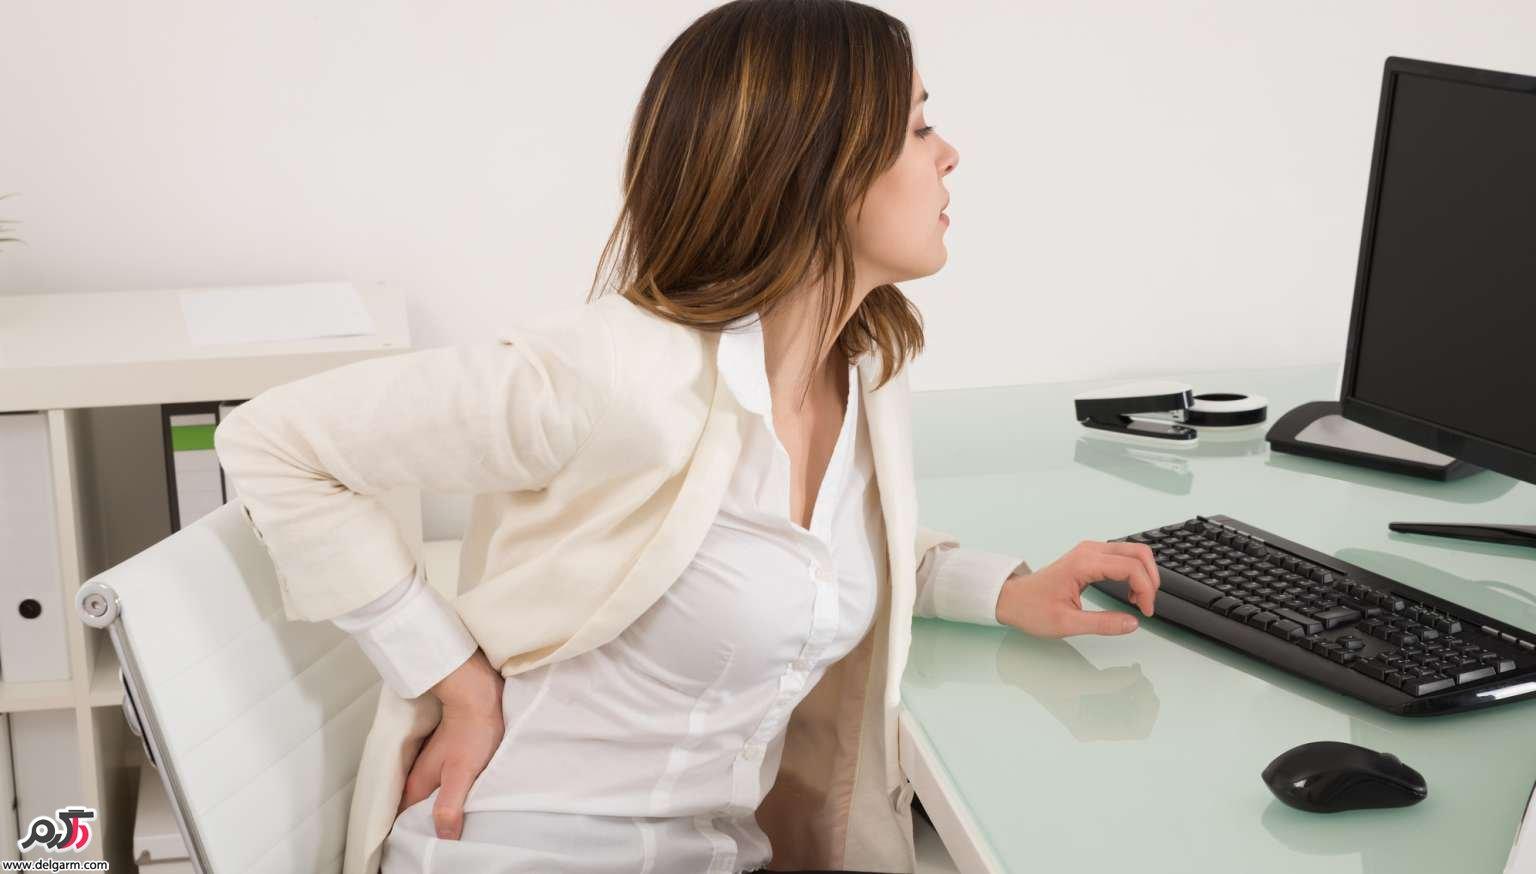 عوارض نشستن طولانی مدت پشت میز کار